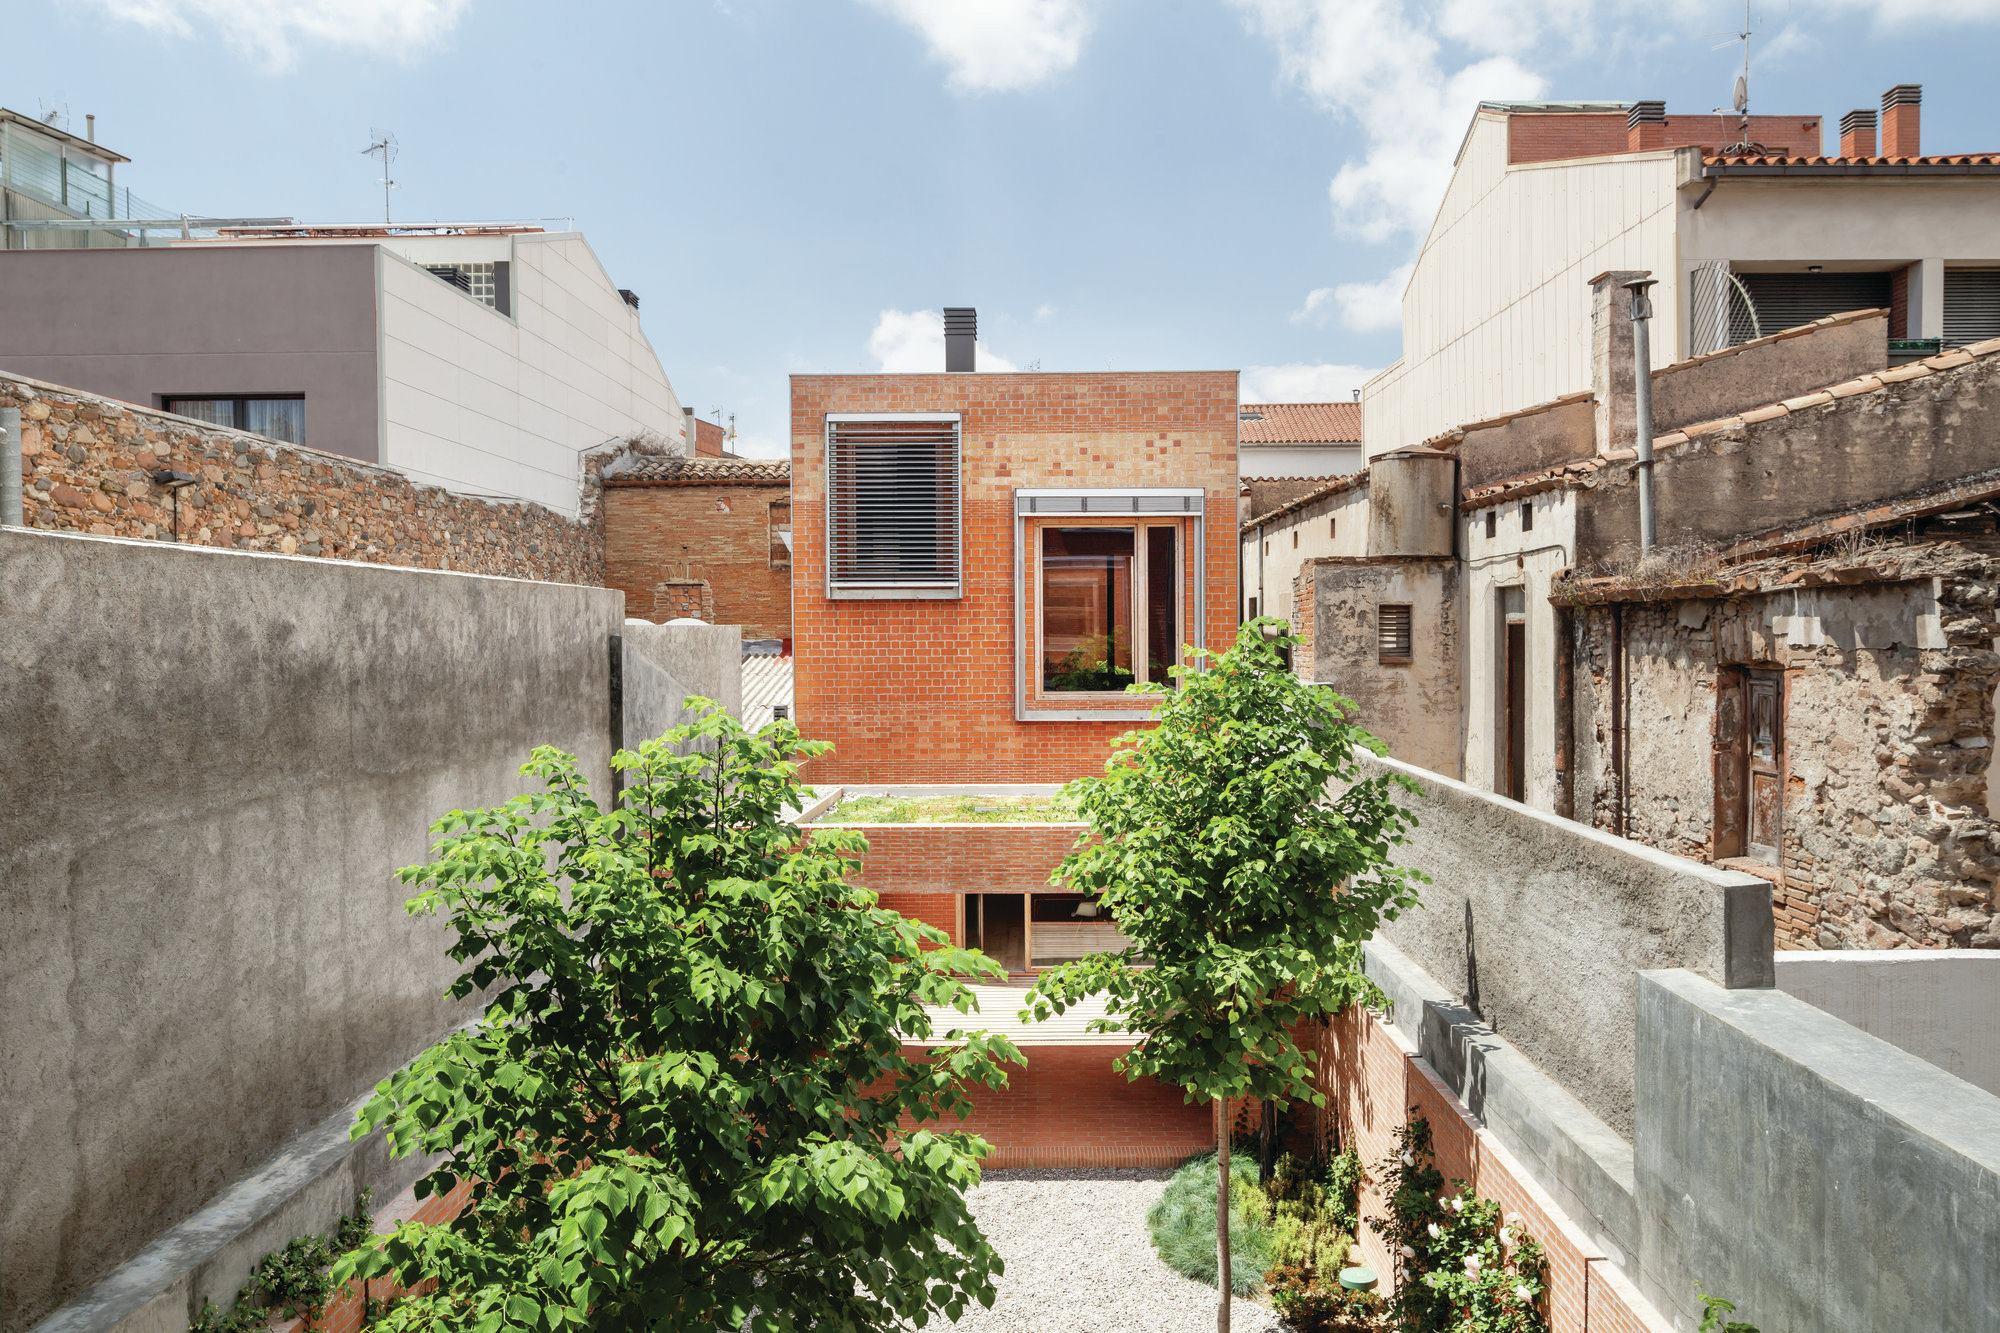 house 1014 designed by h arquitectes architect magazine single